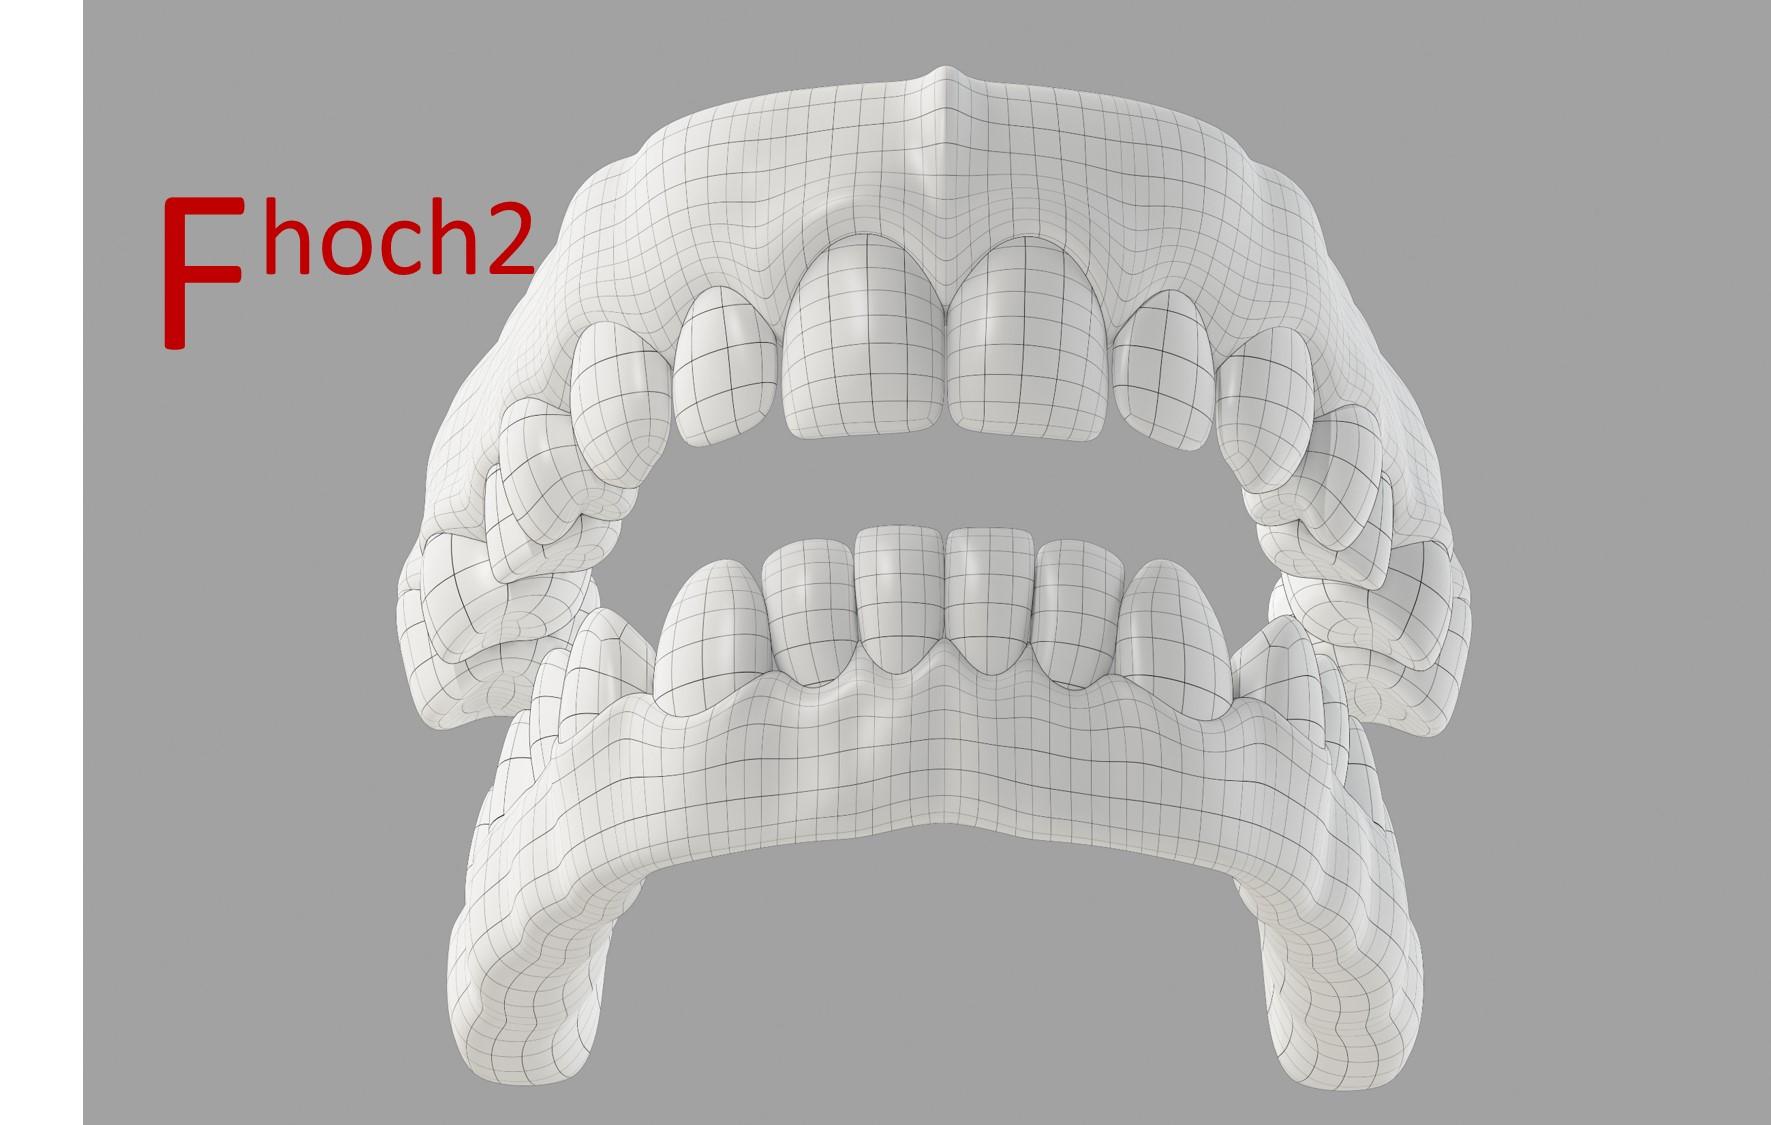 Zahnimplantate, Implantate, Zahnersatz